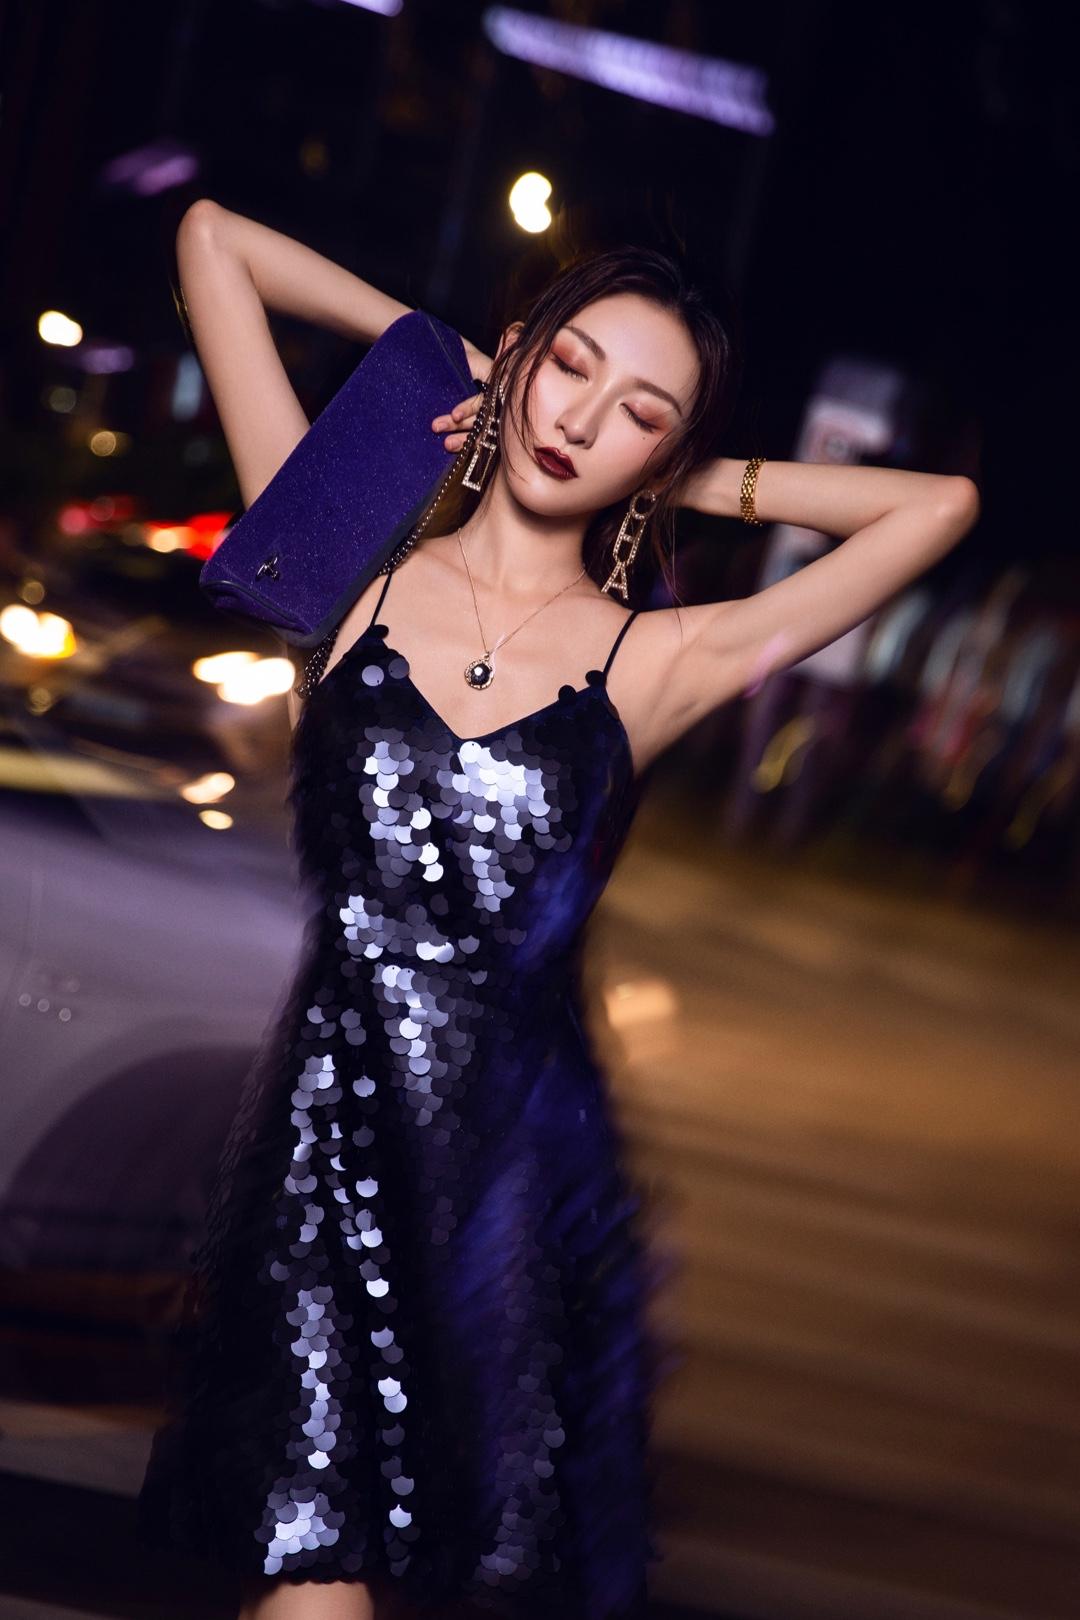 OOTD|暂时逃离工作吧!时髦女孩的派对穿搭 最近创作了两组不同风格的都市时髦女孩的party穿搭 LOOK,都是晚上在市区路边拍的。我相信有趣有品味的时髦女孩本身应该是多样化的。 这组是紫色复古神秘风,紫色吊带亮片裙在夜晚的路边光线下特别好看。搭配紫色细闪包包跟凉鞋。深圳当晚下着细雨,天气潮湿刚卷好的头发瞬间没了型,索性把头发打湿,搭上深色口红更有气场。 介绍下搭配的单品: 连衣裙:CHENG CHENG-OFFICIAL是我非常喜欢的新晋小众轻奢设计师品牌,风格就是可盐可甜,复古浪漫风跟现代艺术感融合得很好,不失女人味又有品位,接下来会持续关注。 包包:Vivienne Westwood 这个蓝紫色包包是很久前在HK入手的,不是新款,但就是一眼相中,颜色非常特别,细闪的质感又不是大亮片。好看又低调很适合当晚宴包。 耳饰:CHANEL 今年大火的字母耳环,此款一出好多品牌跟风,不用我多介绍啦,是我最近的新宠。 鞋:Lost in echo 把鞋做得跟艺术品一样美。 #肉系少女最爱,显瘦度满分!#